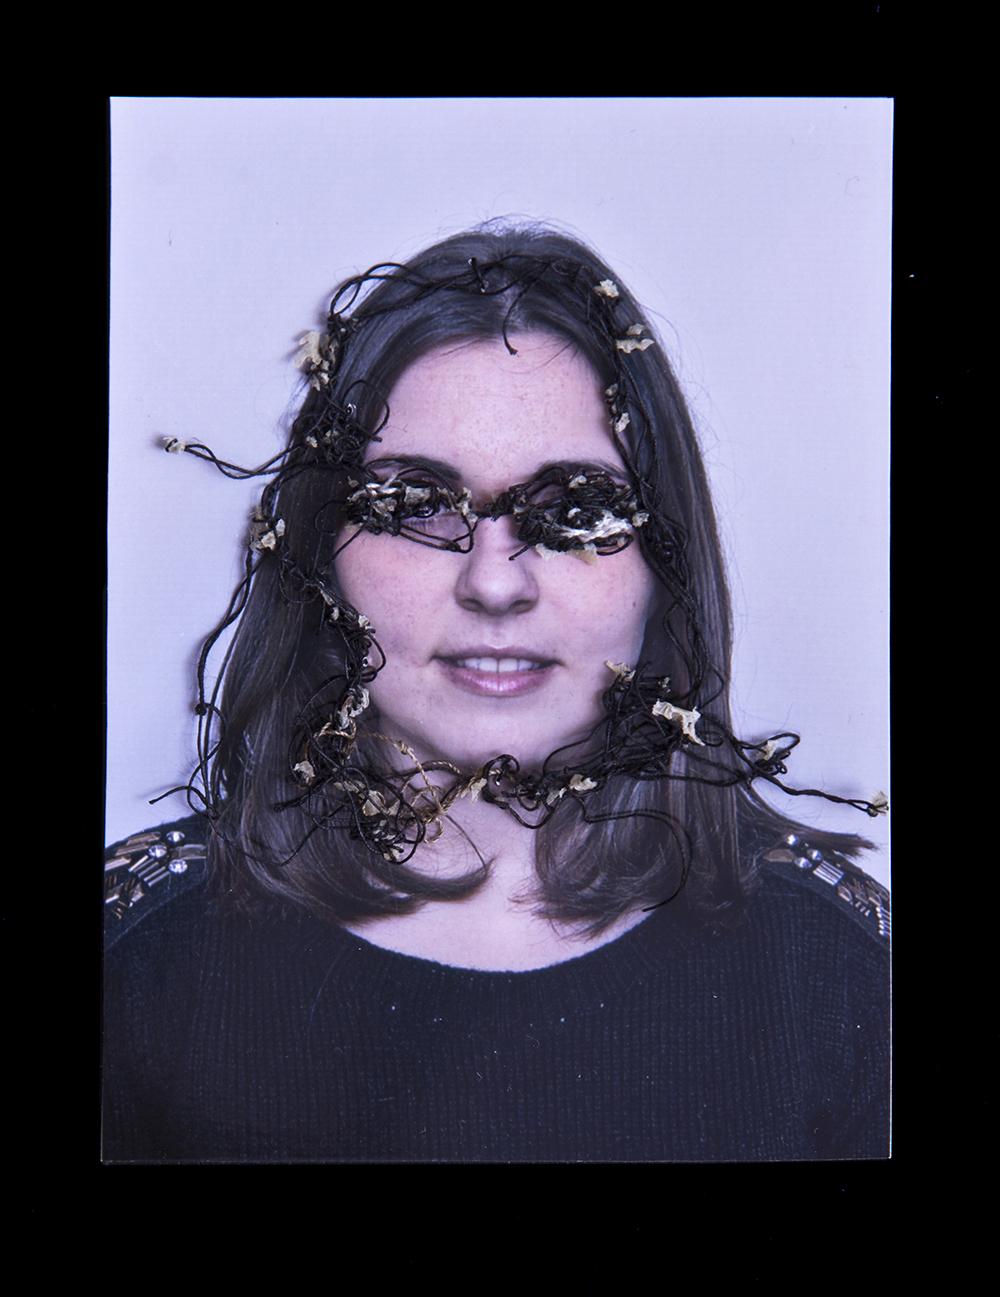 Mi ex novia Tamara A flor de piel, 11. 10x15 cm. Fotografía, hilo y piel. 2012